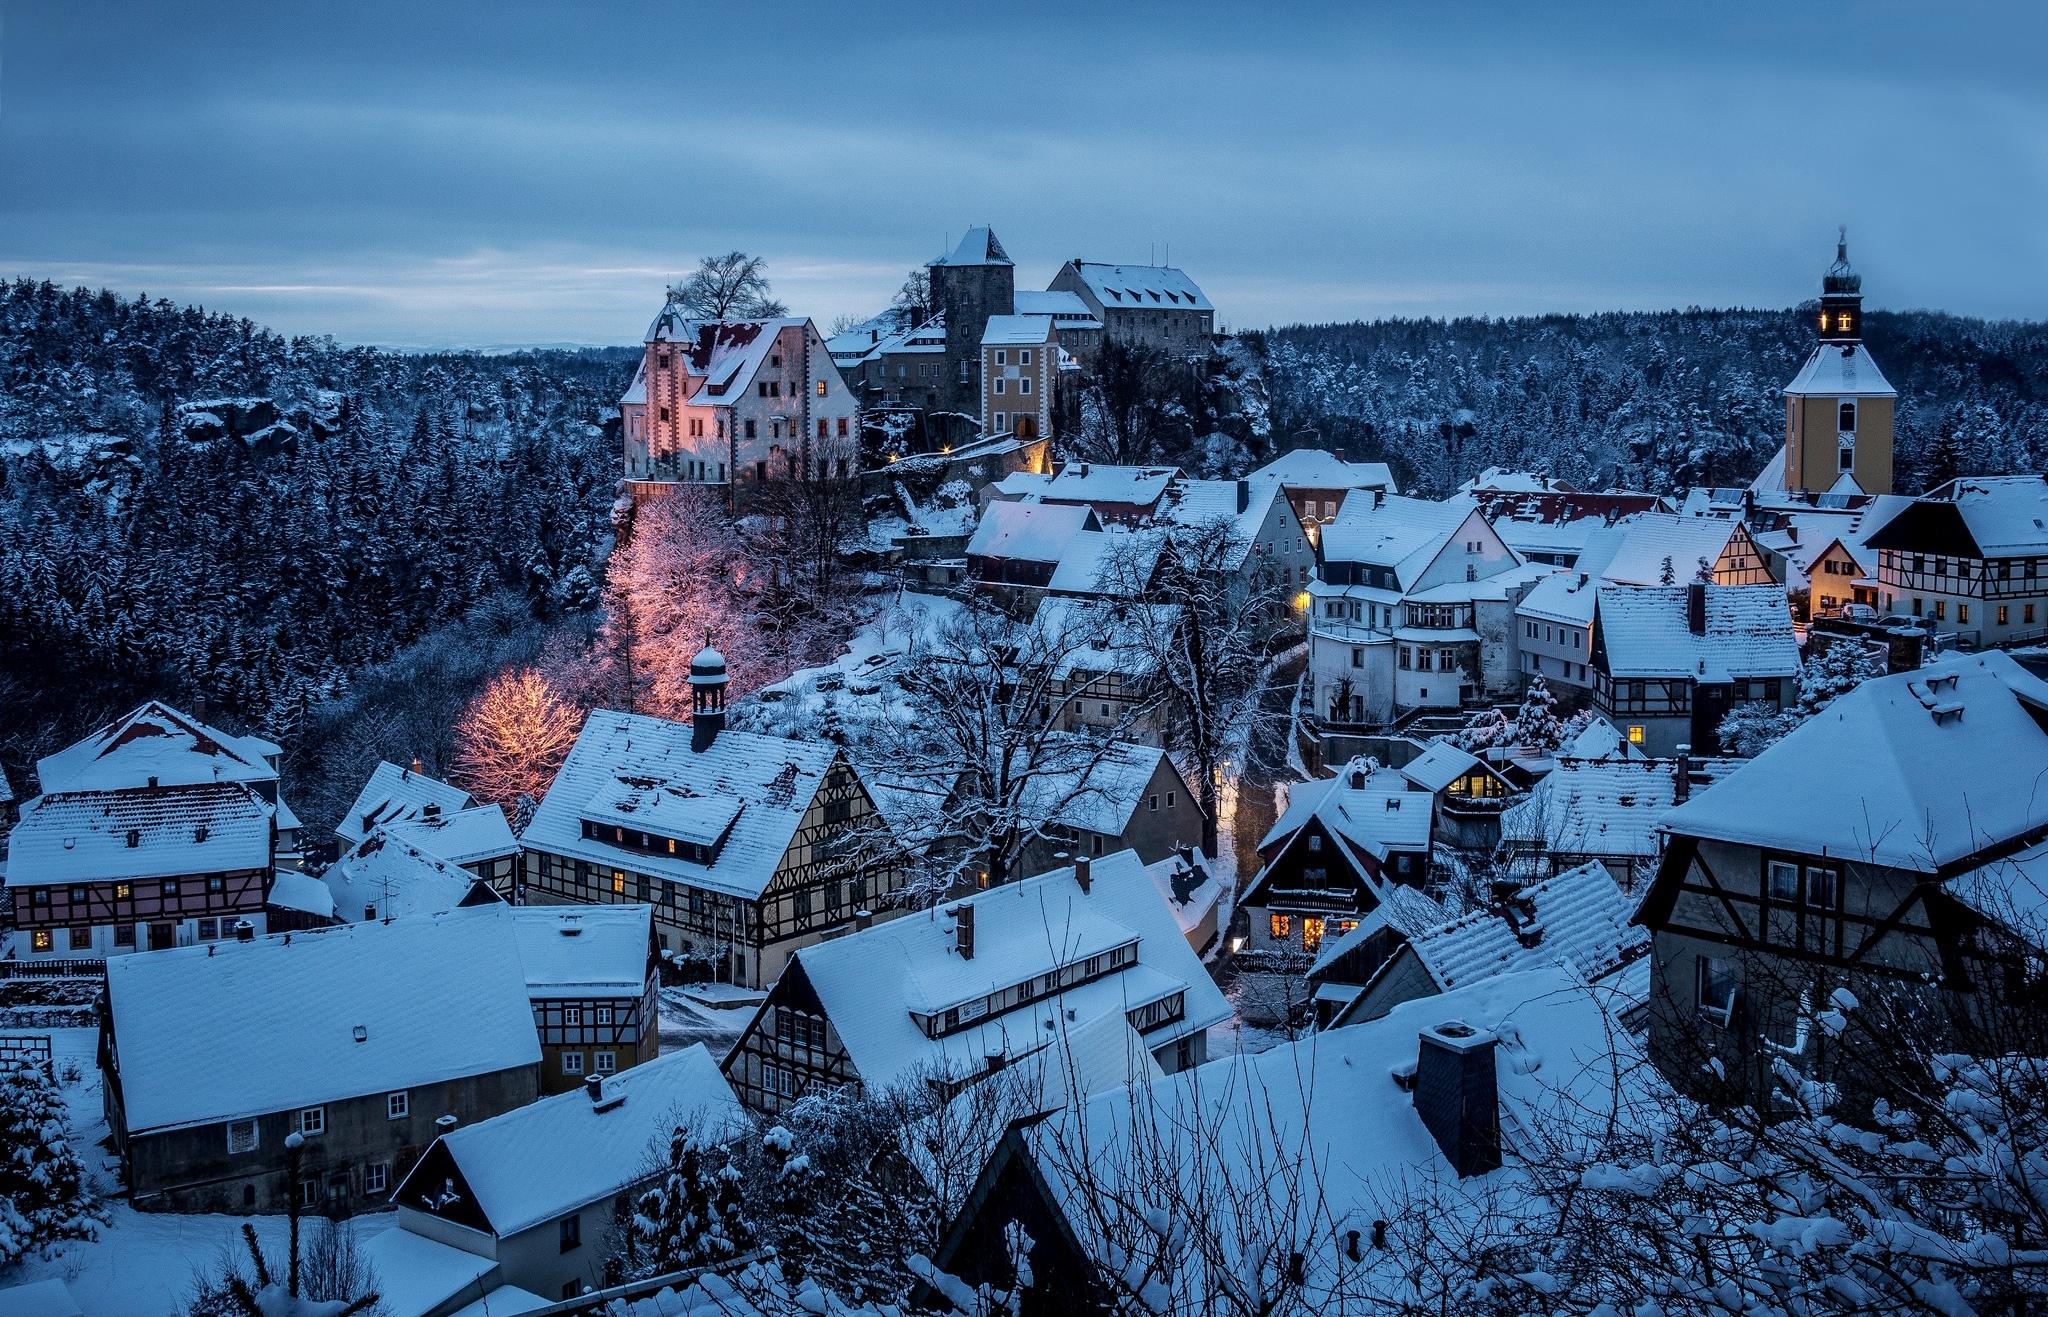 Замок швейцария вечер  № 2569394 бесплатно